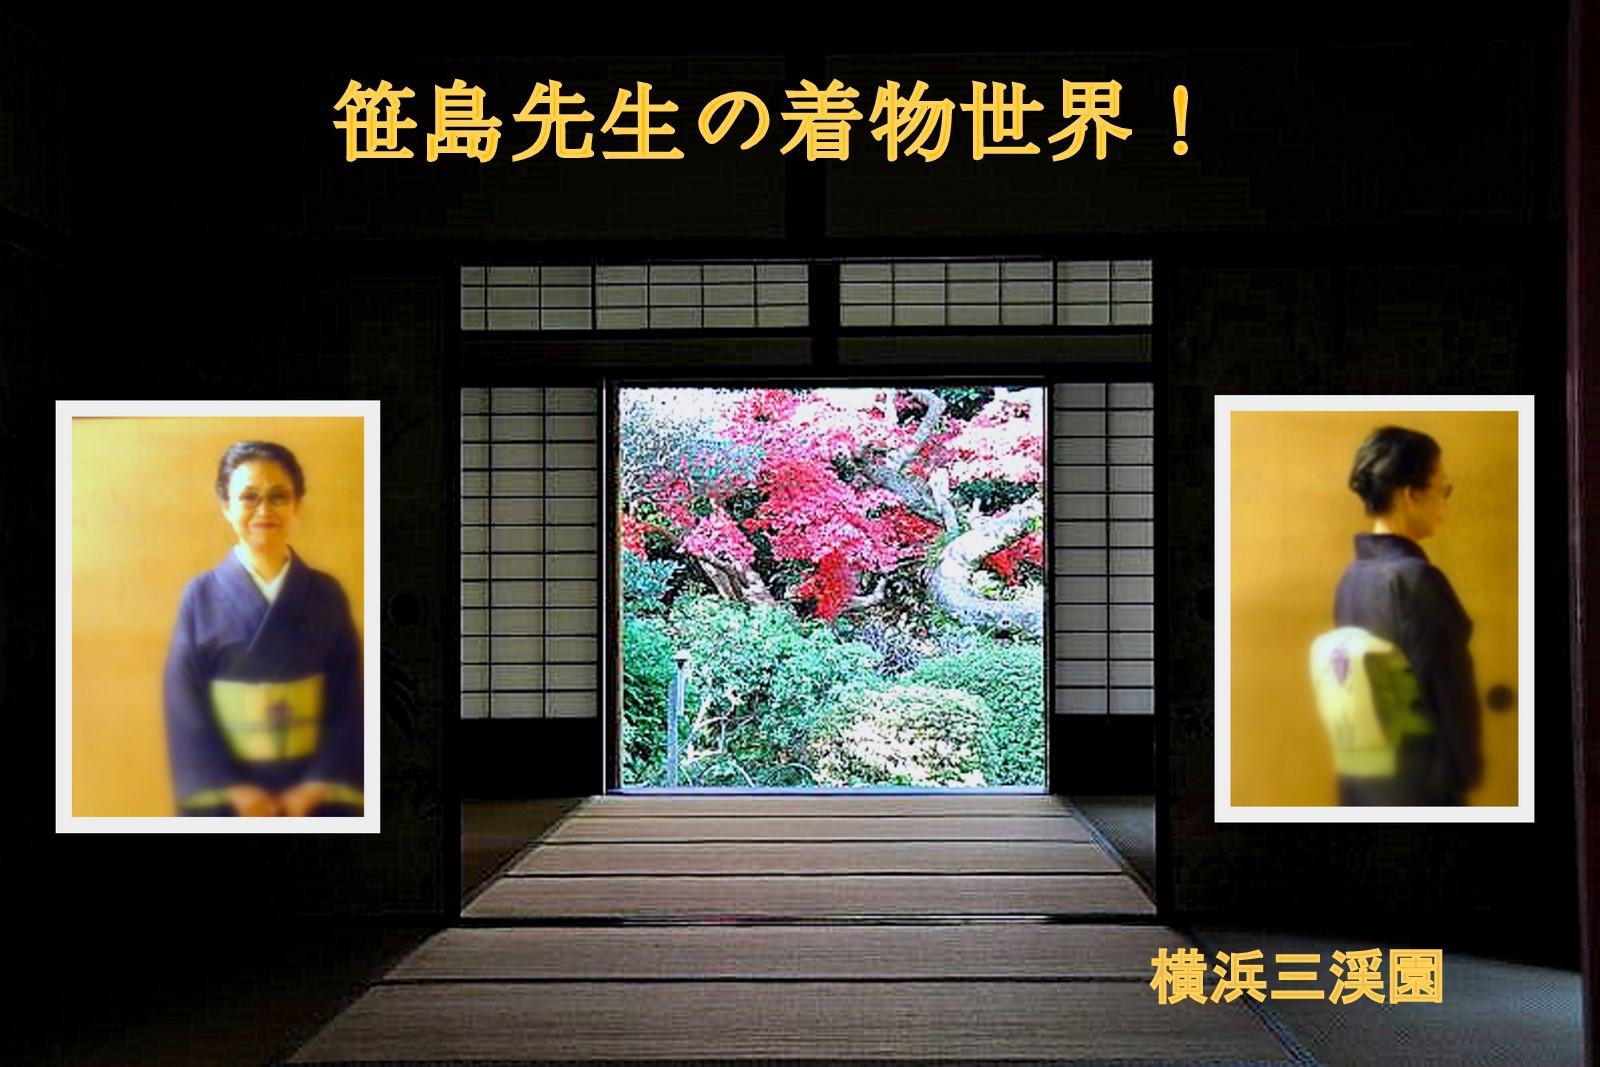 笹島先生の「四季を映す着物美」、明日放映 ♪♪♪_f0205317_835147.jpg